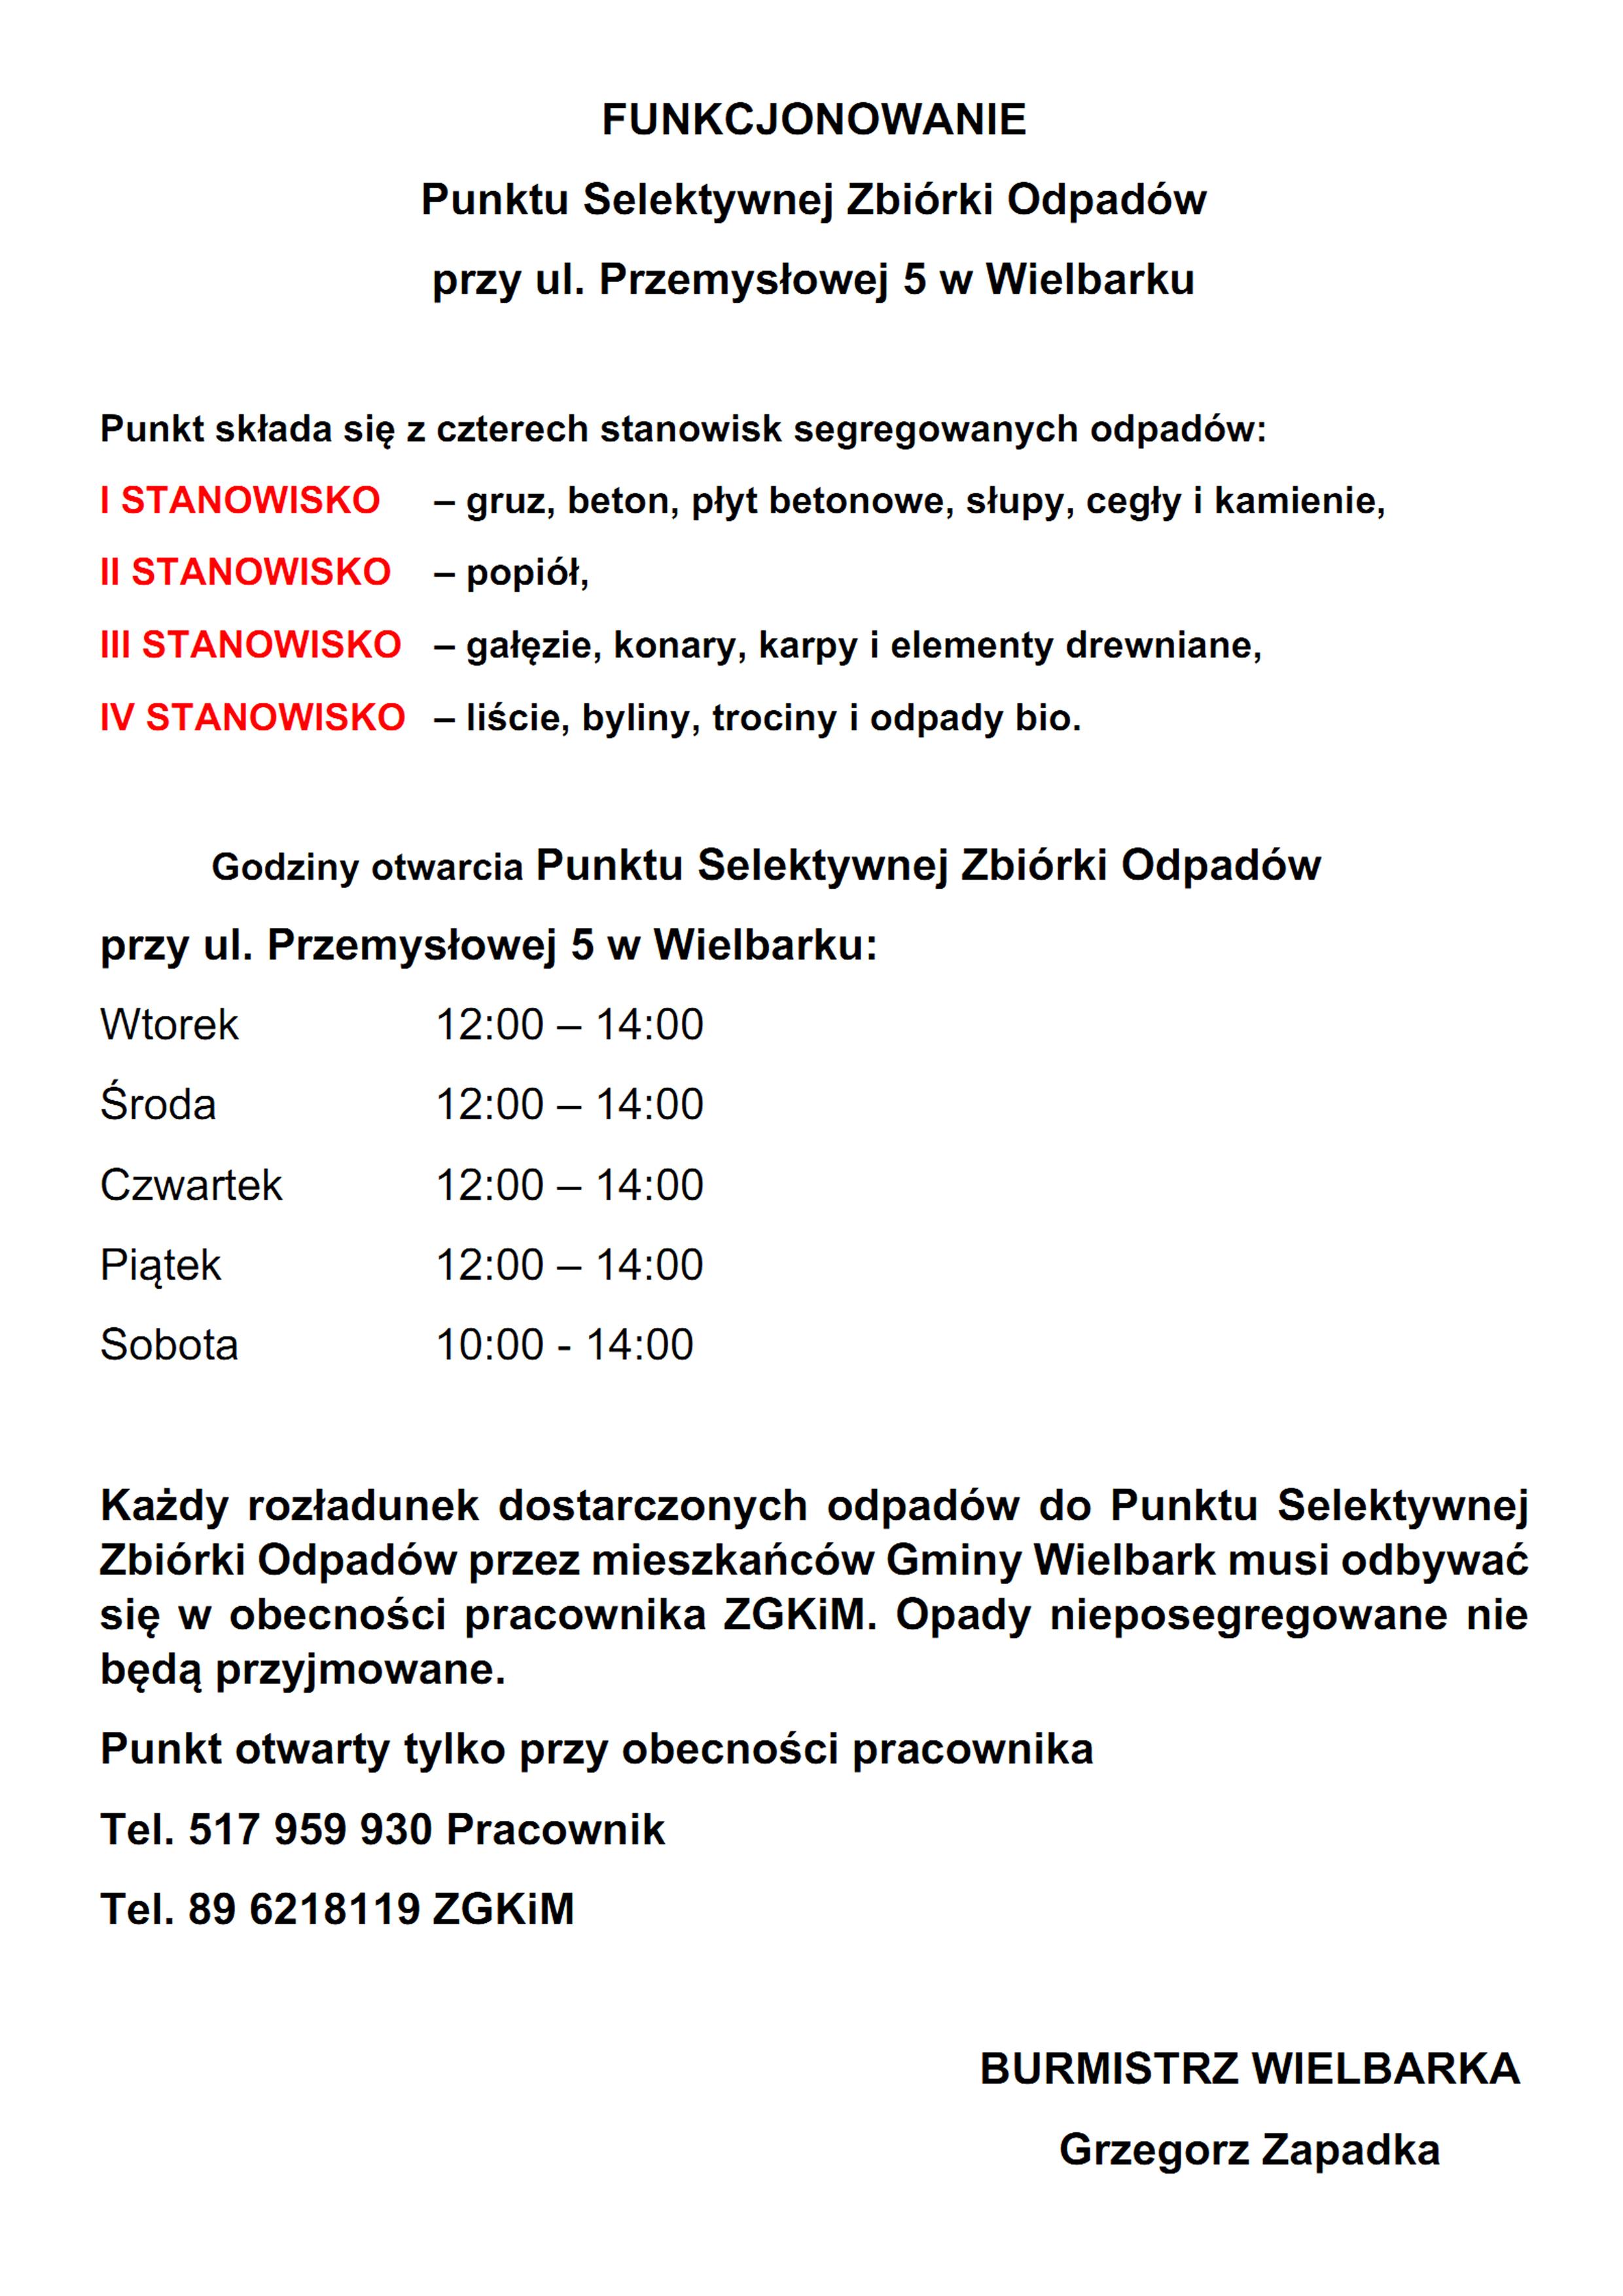 https://m.powiatszczycienski.pl/2021/03/orig/funkcjonowanie-pszoku-38648.jpg